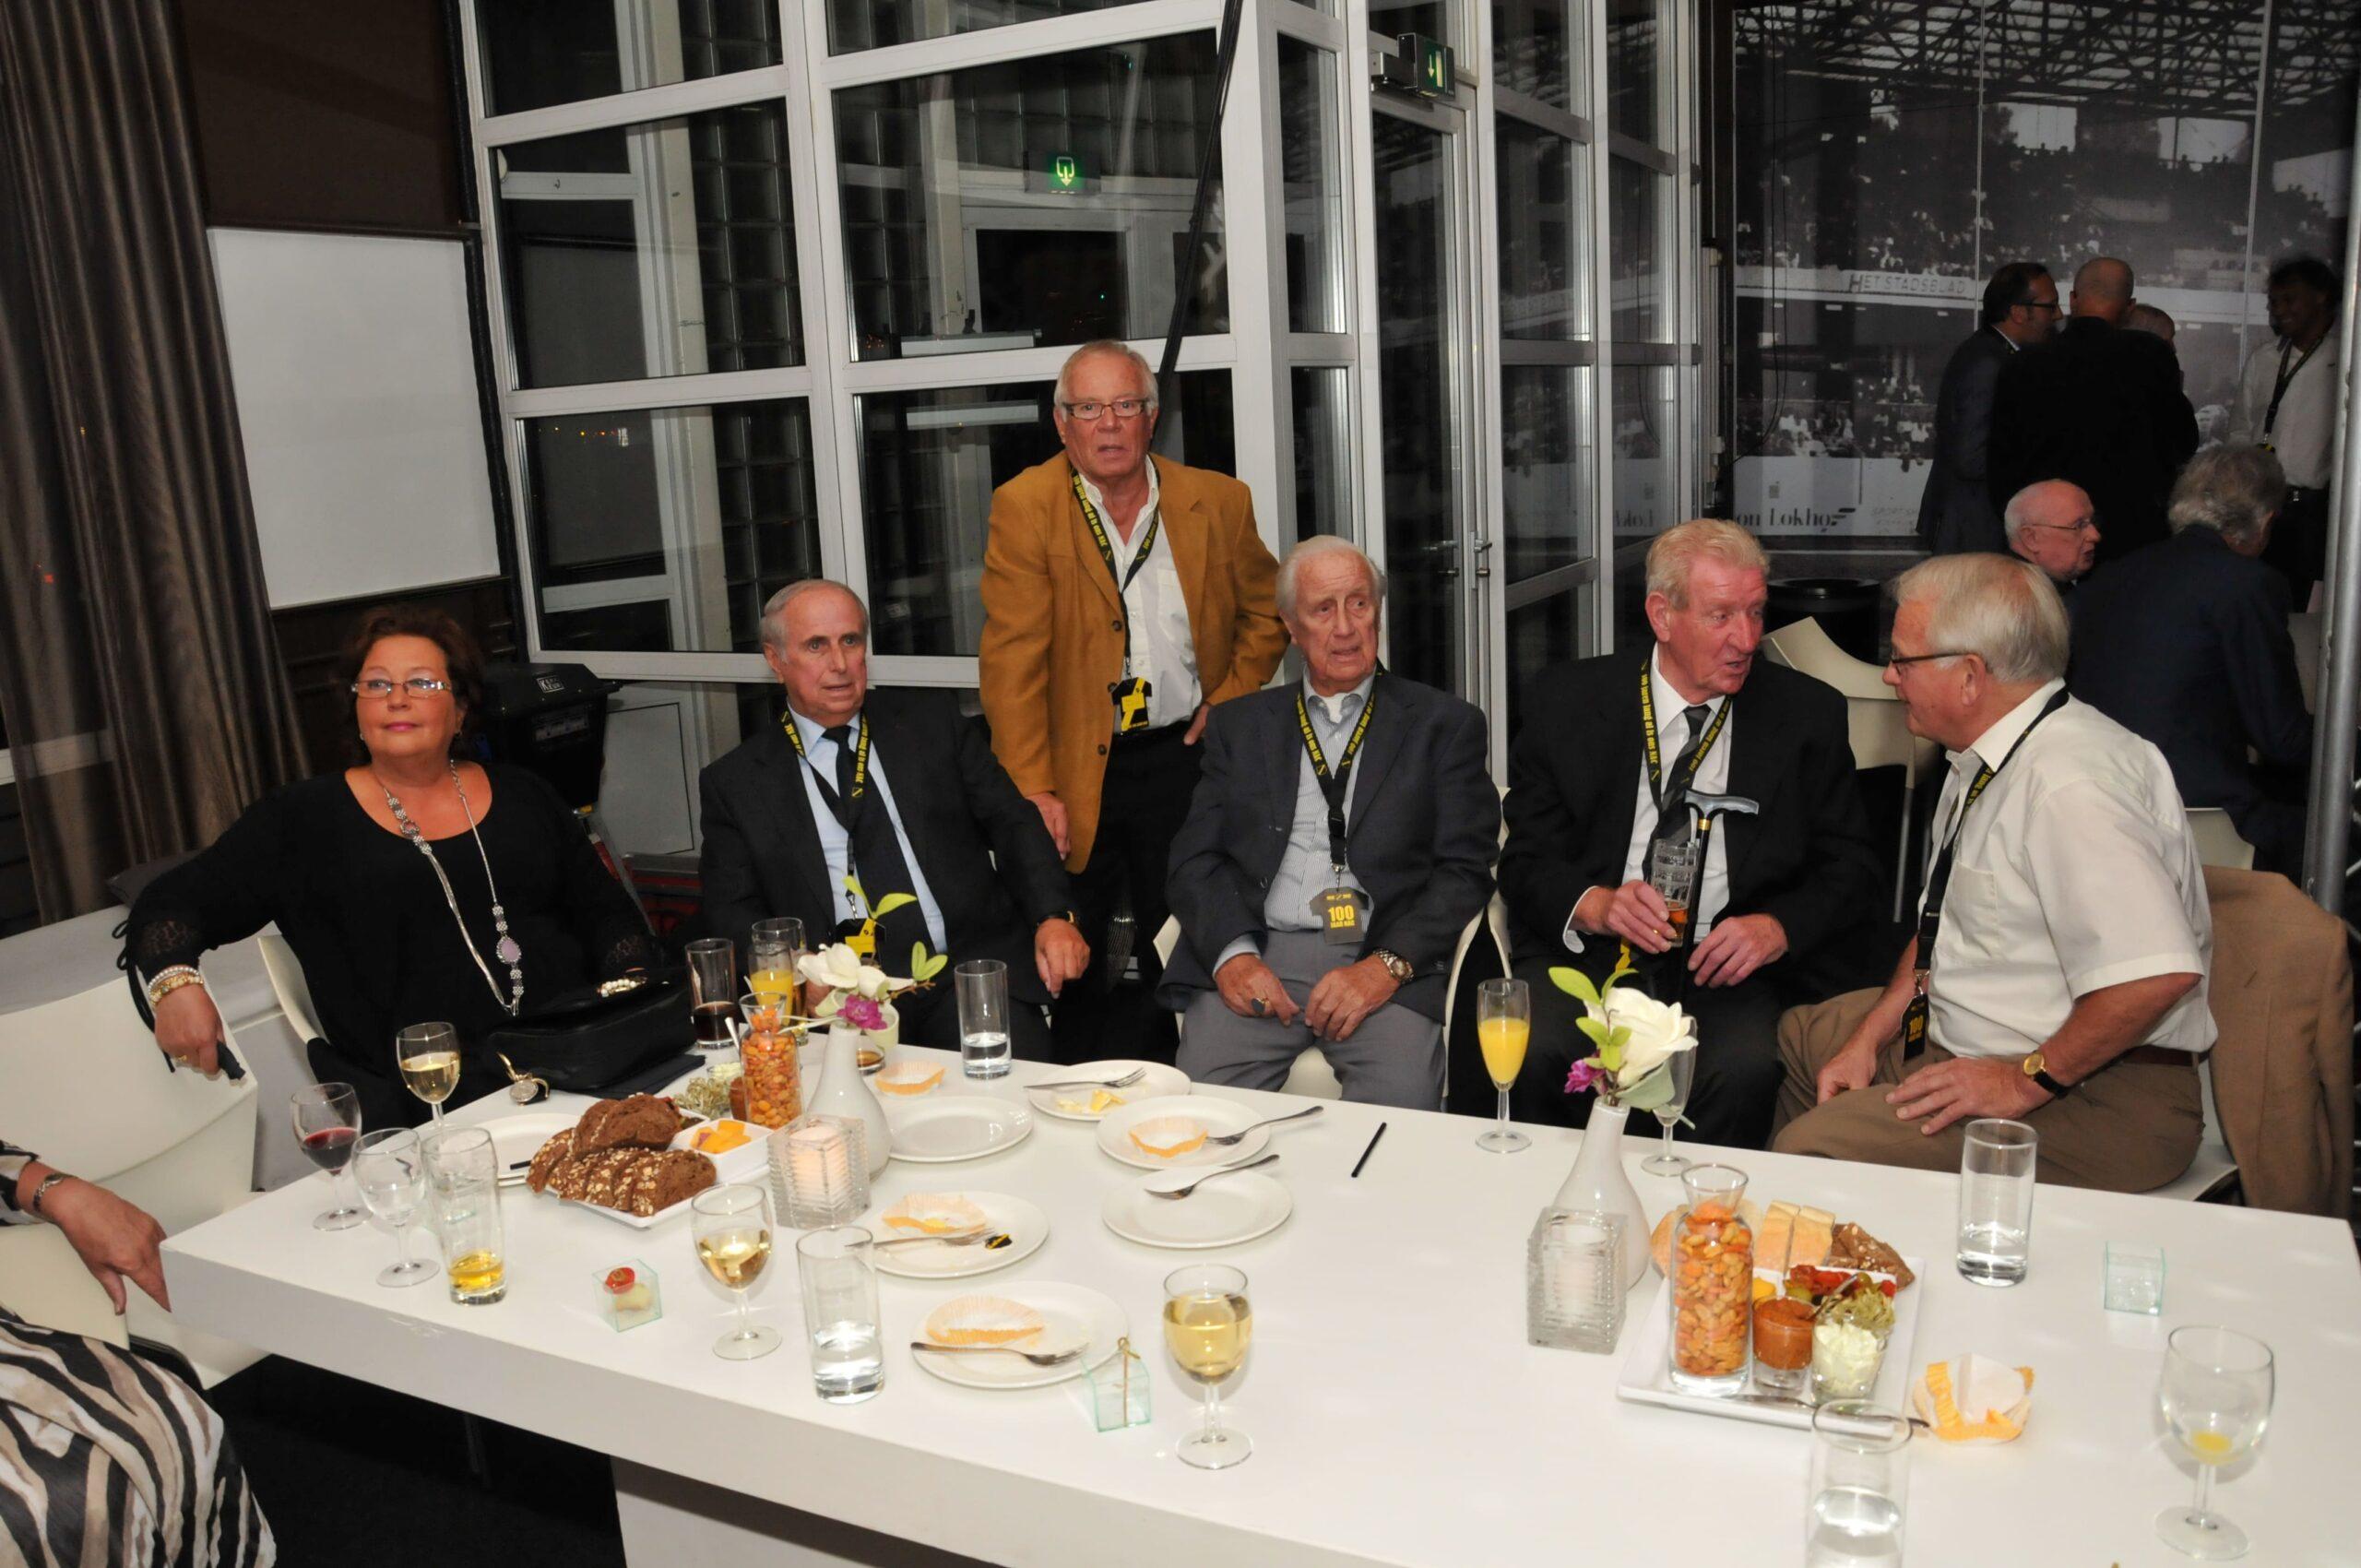 Reunie oud NAC bij 100 jaar NAC (2012)